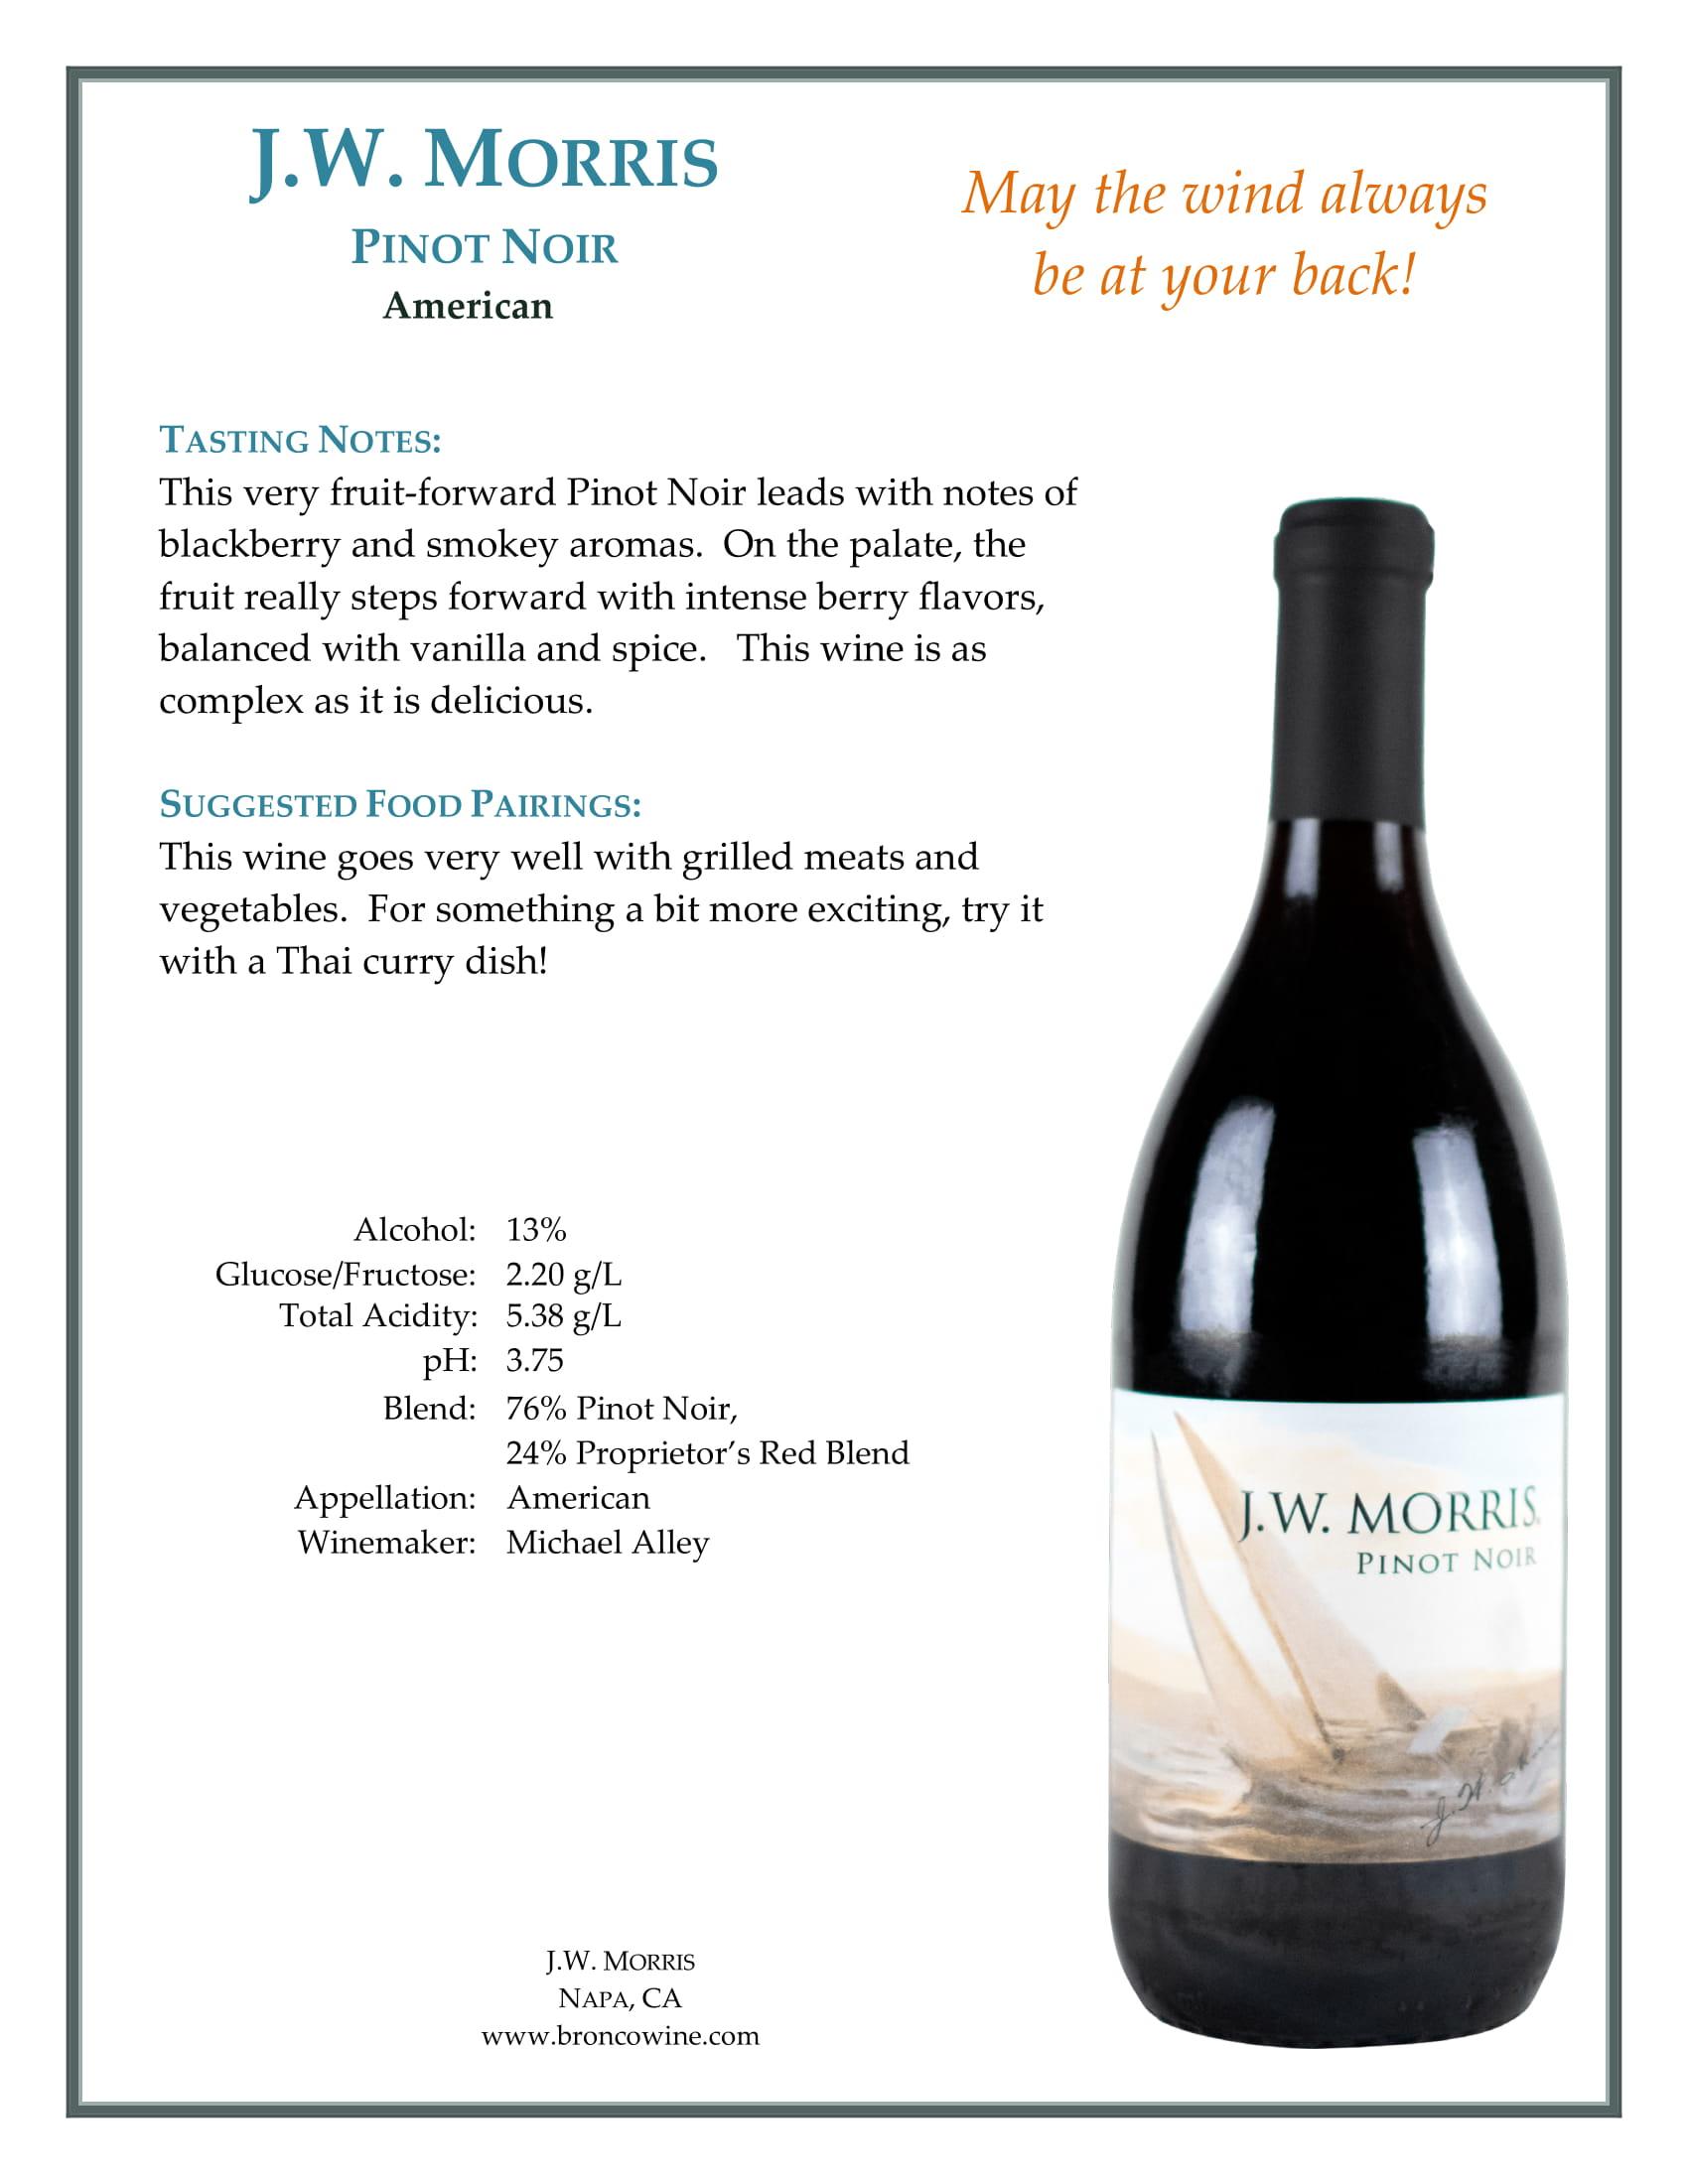 JW Morris Pinot Noir Tech Sheet